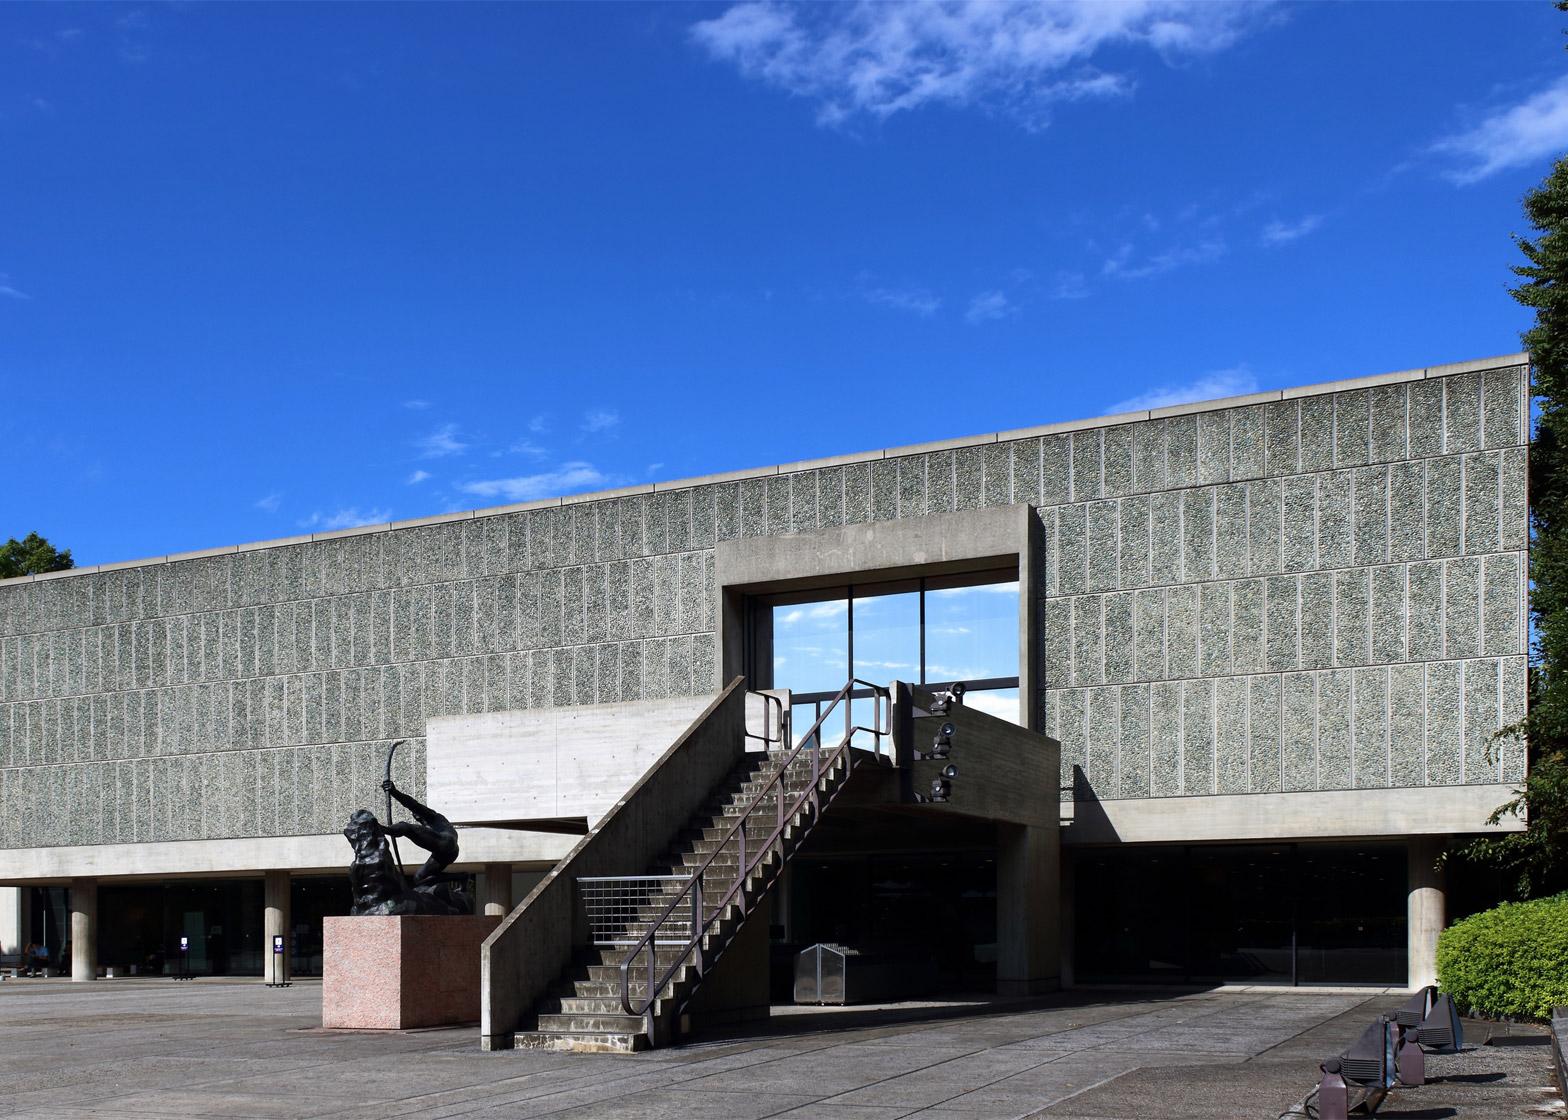 Musée National des Beaux-Arts de l'Occident, Taito-Ku, Tokyo, Japan, 1955